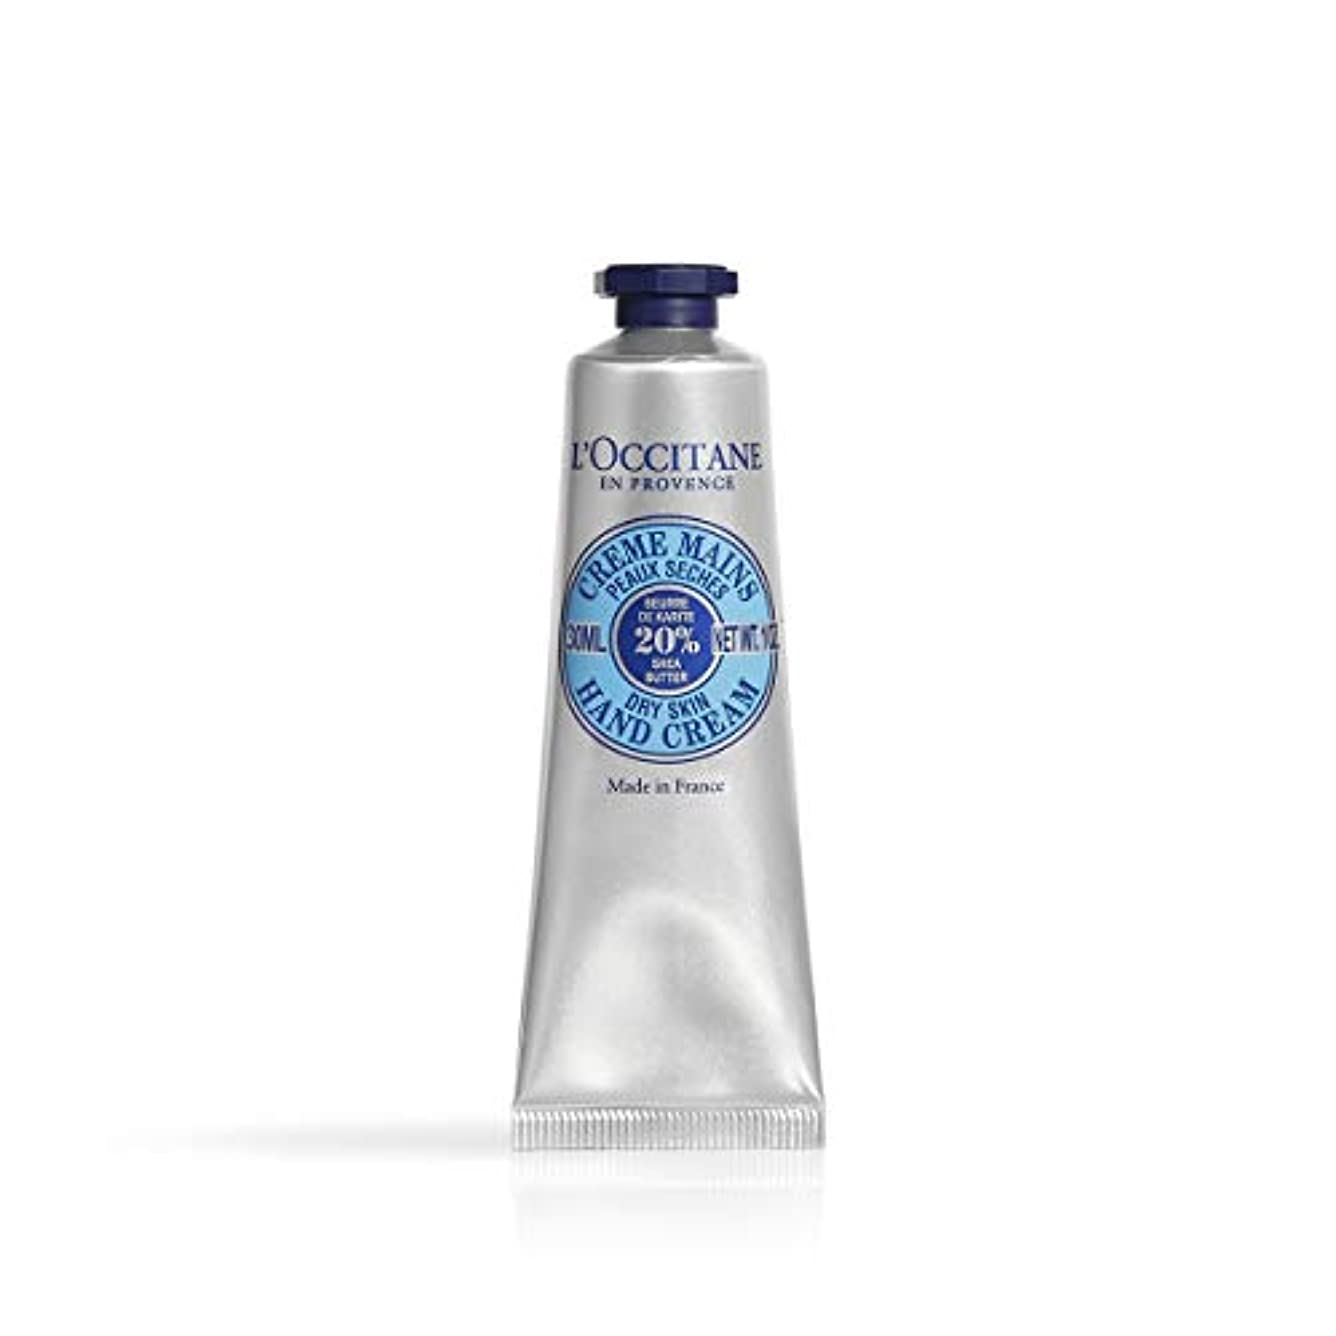 除外するの前でタックロクシタン(L'OCCITANE) シア ハンドクリーム 30ml